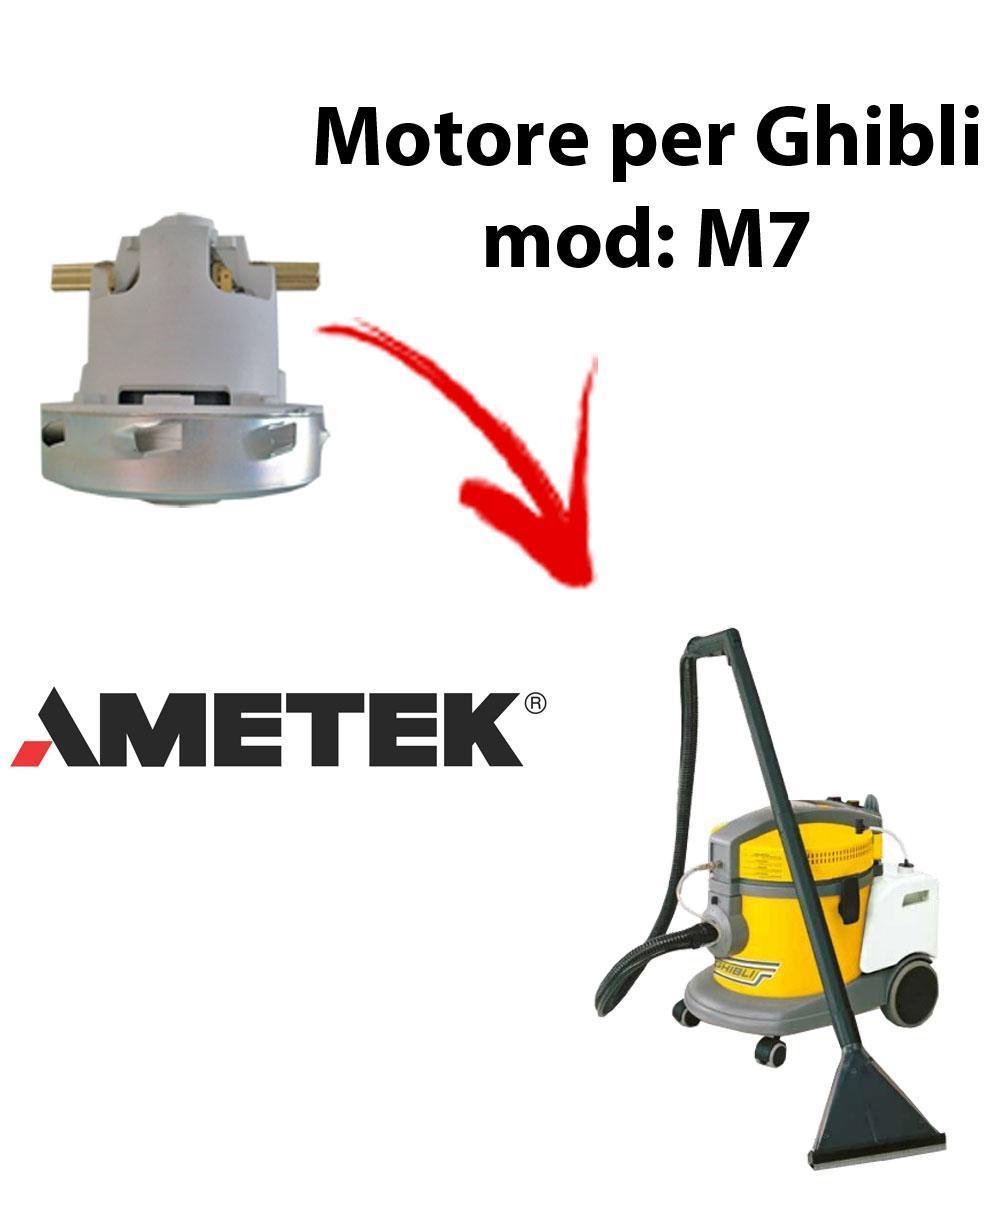 M7 Saugmotor AMETEK für Staubsauger GHIBLI